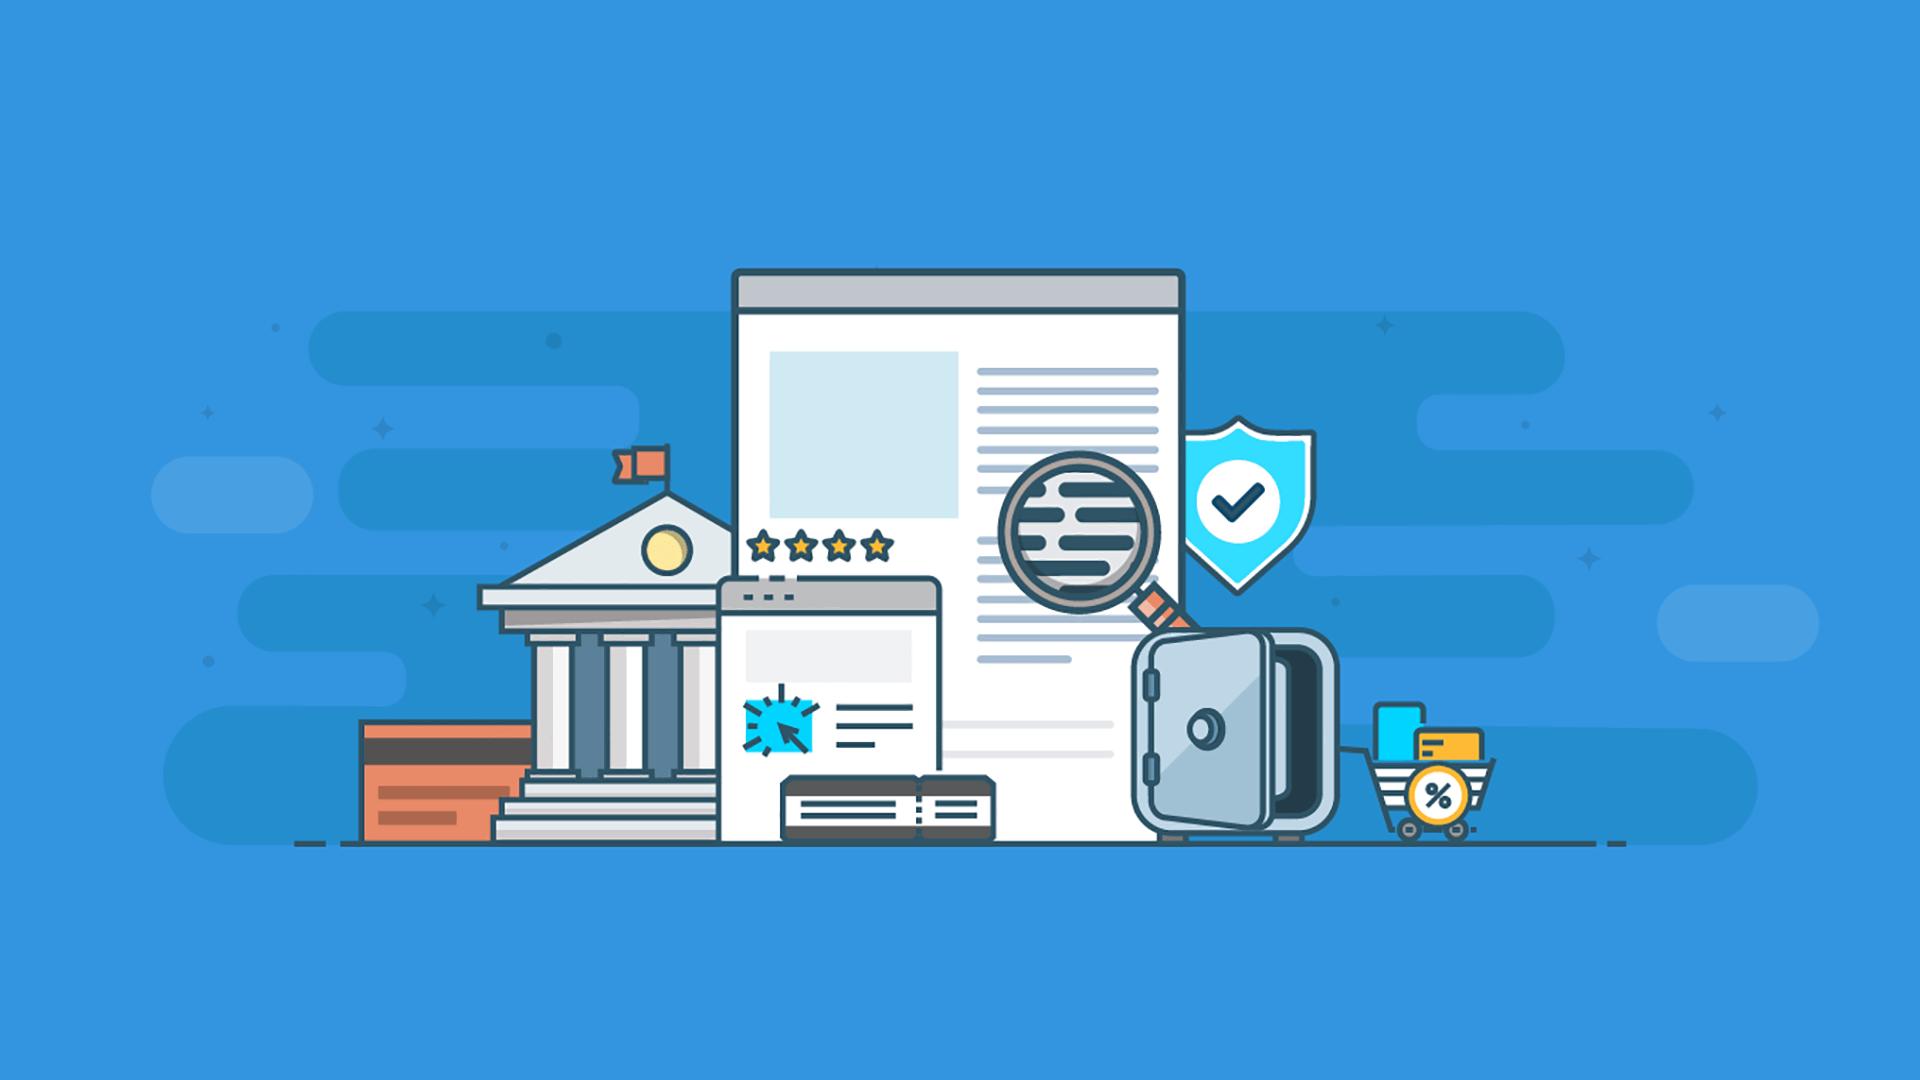 TLS 1.3 Implementation Notes